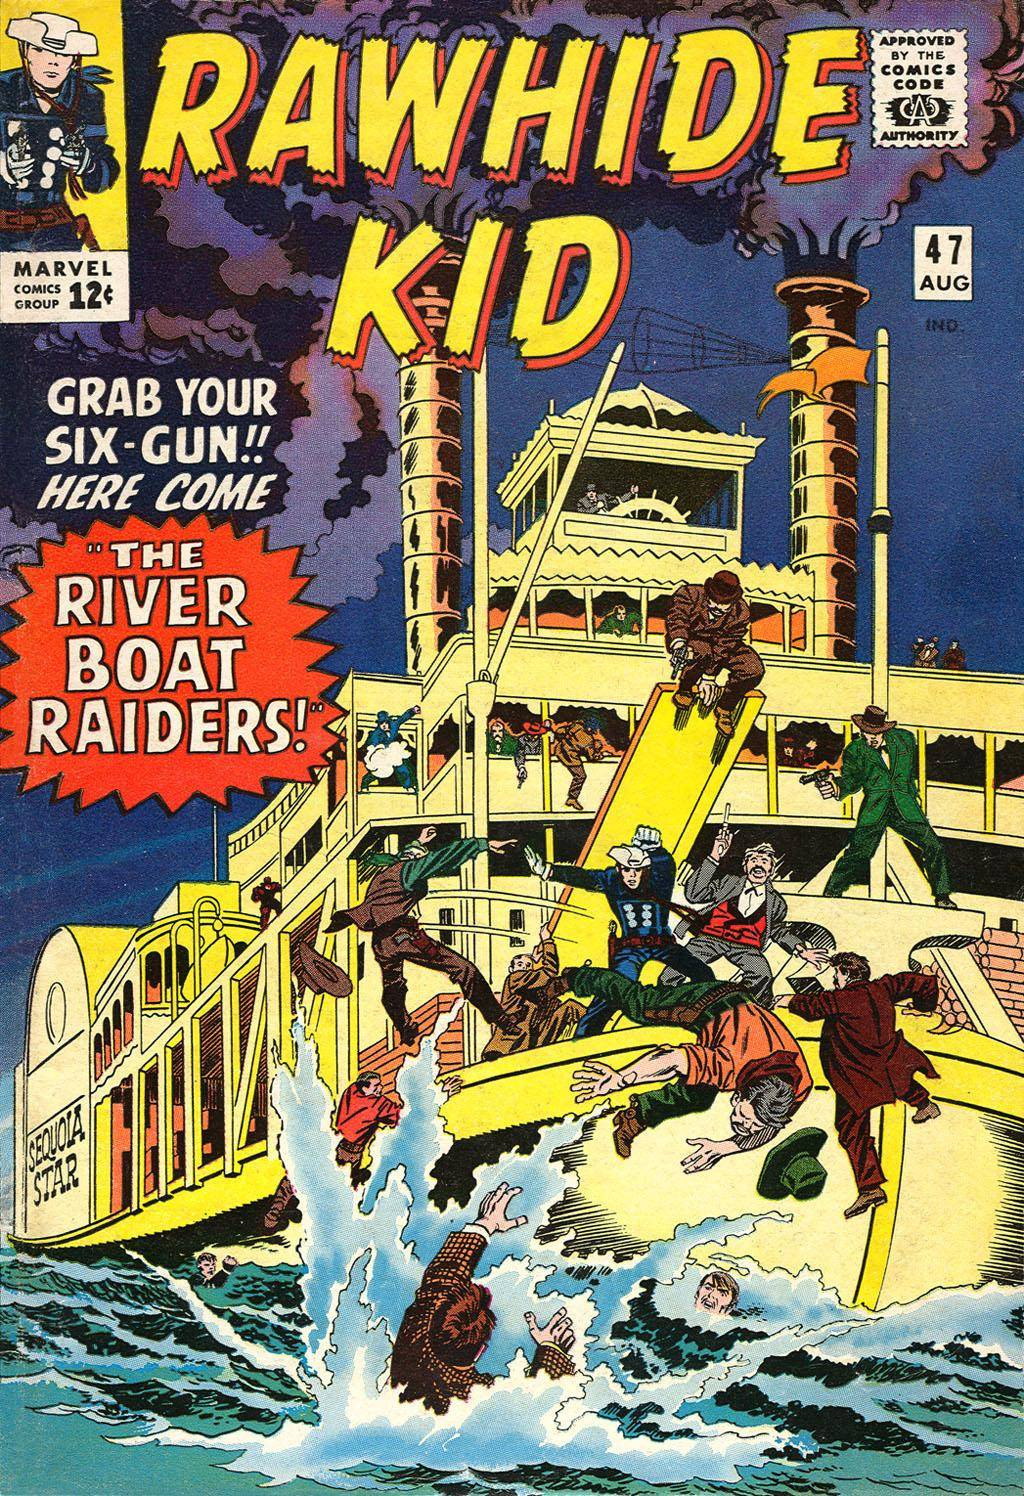 Rawhide Kid v1 047 1965